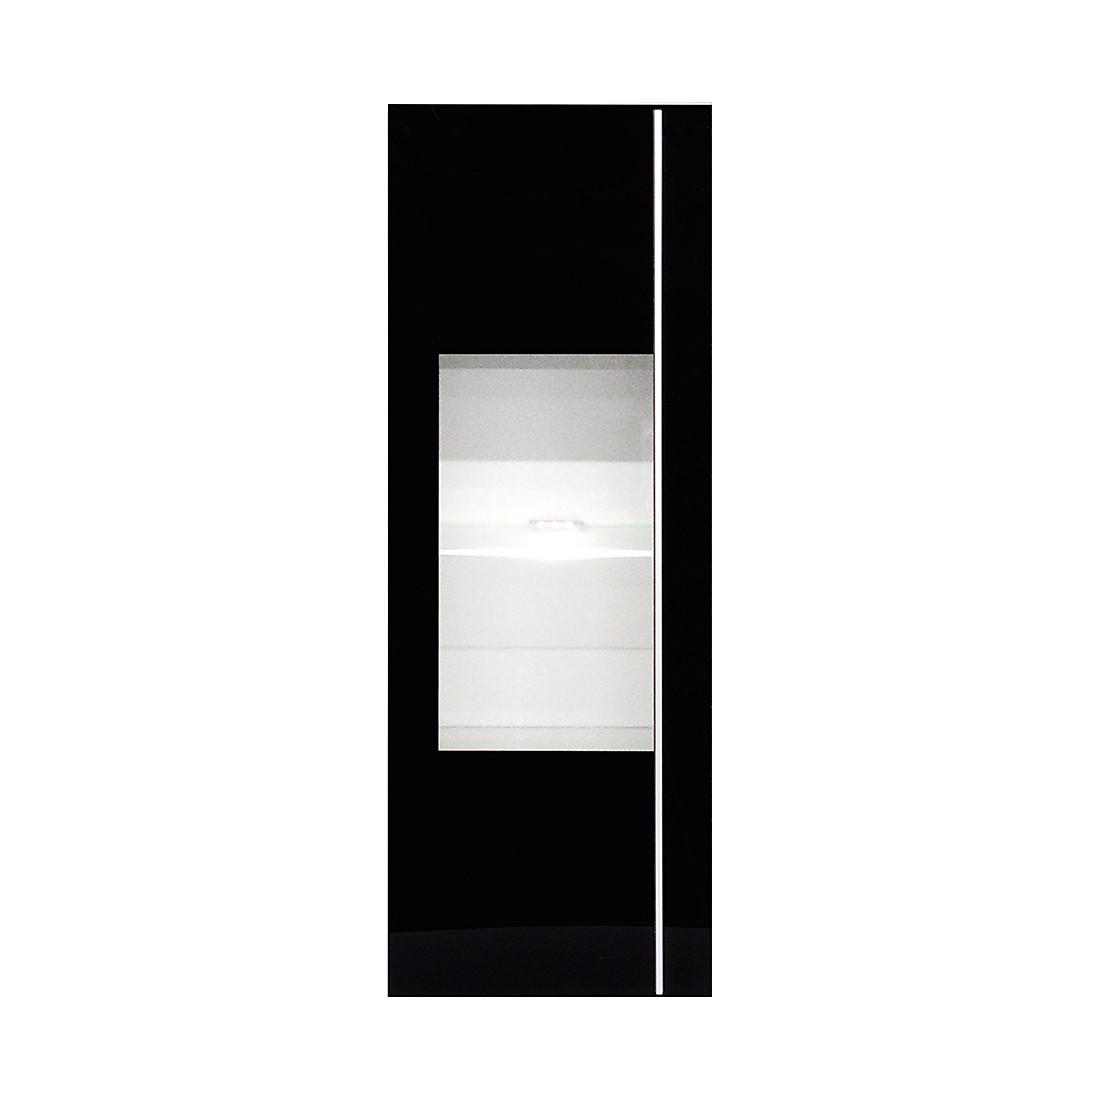 Hängevitrine Cincinatti hoch - Weiß / Schwarzglas